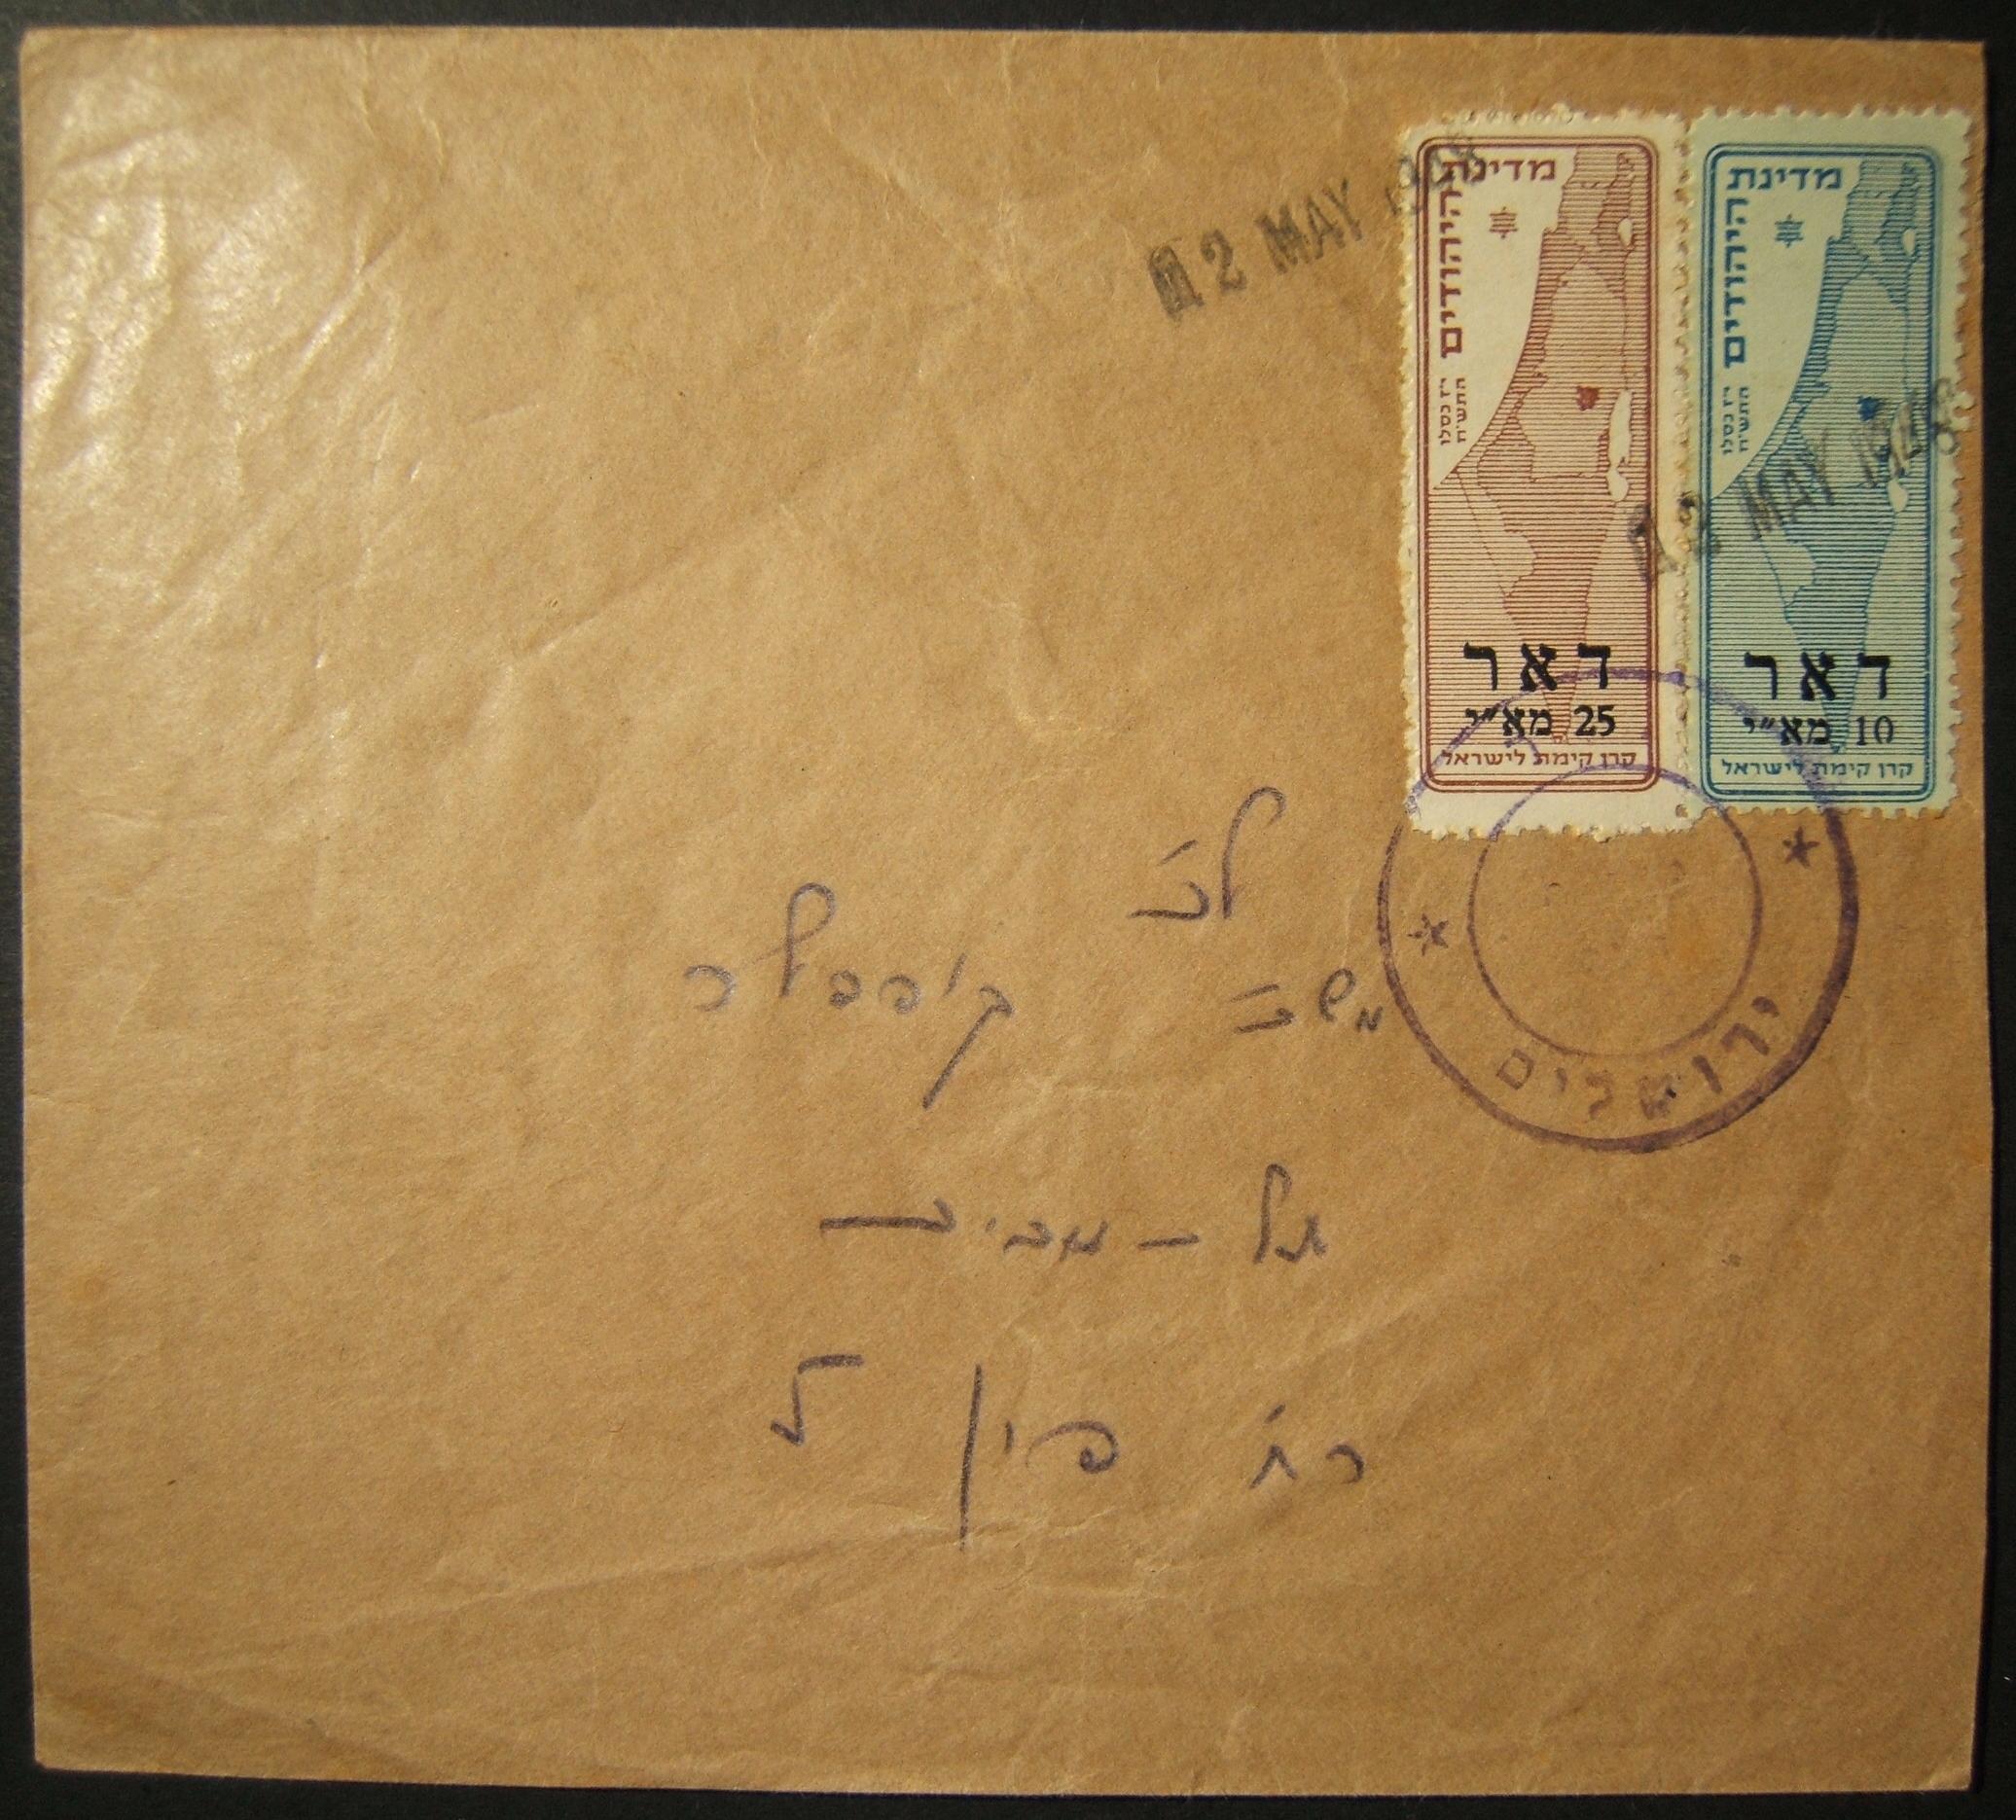 1948 إرسال أول قافلة من القدس إلى تل أبيب مع وجود صكوك مؤقتة / علامات بريدية مؤقتة